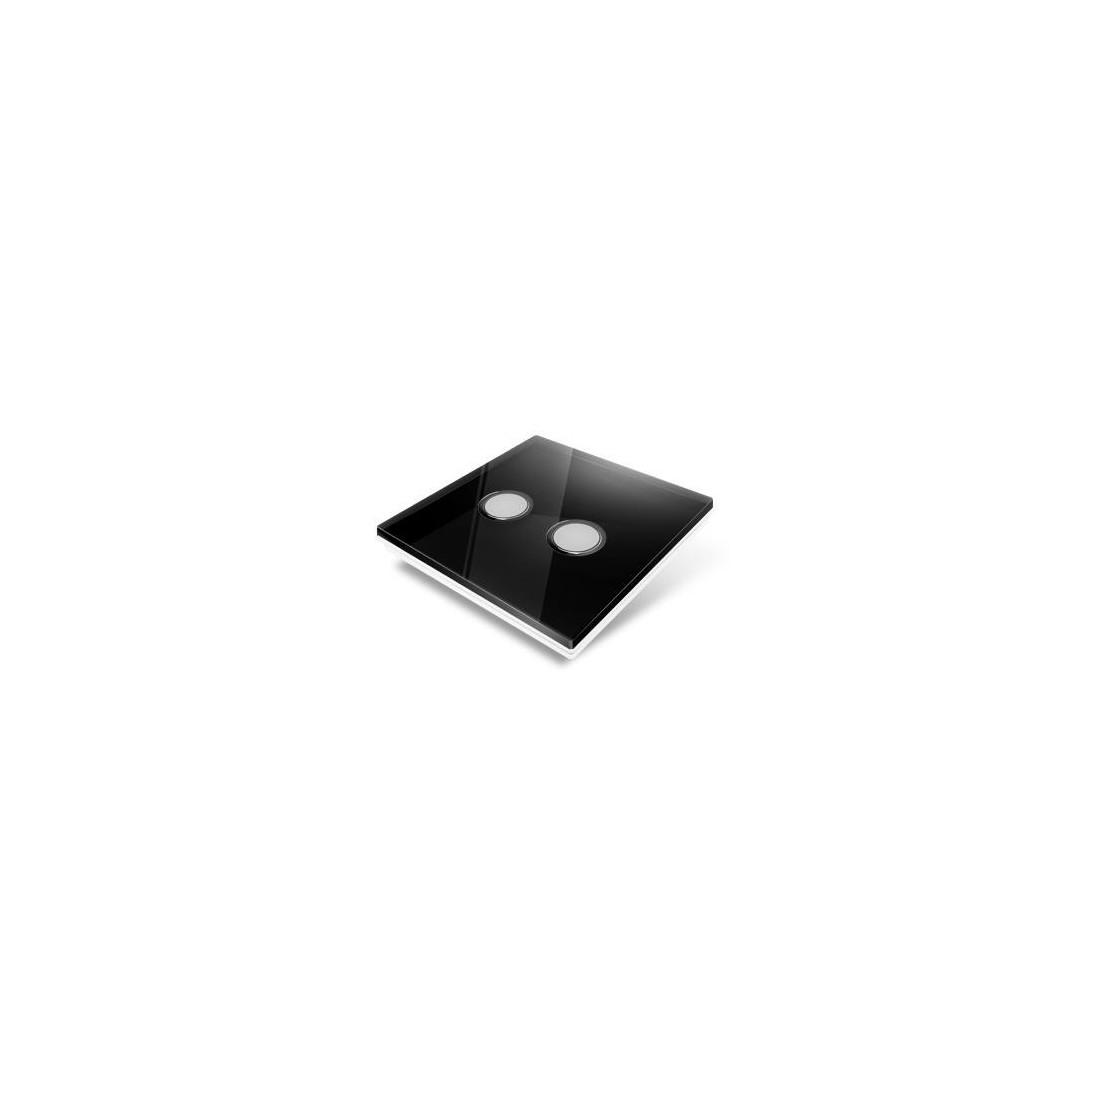 Afdekplaat voor Edisio-schakelaar - kunststof, zwart